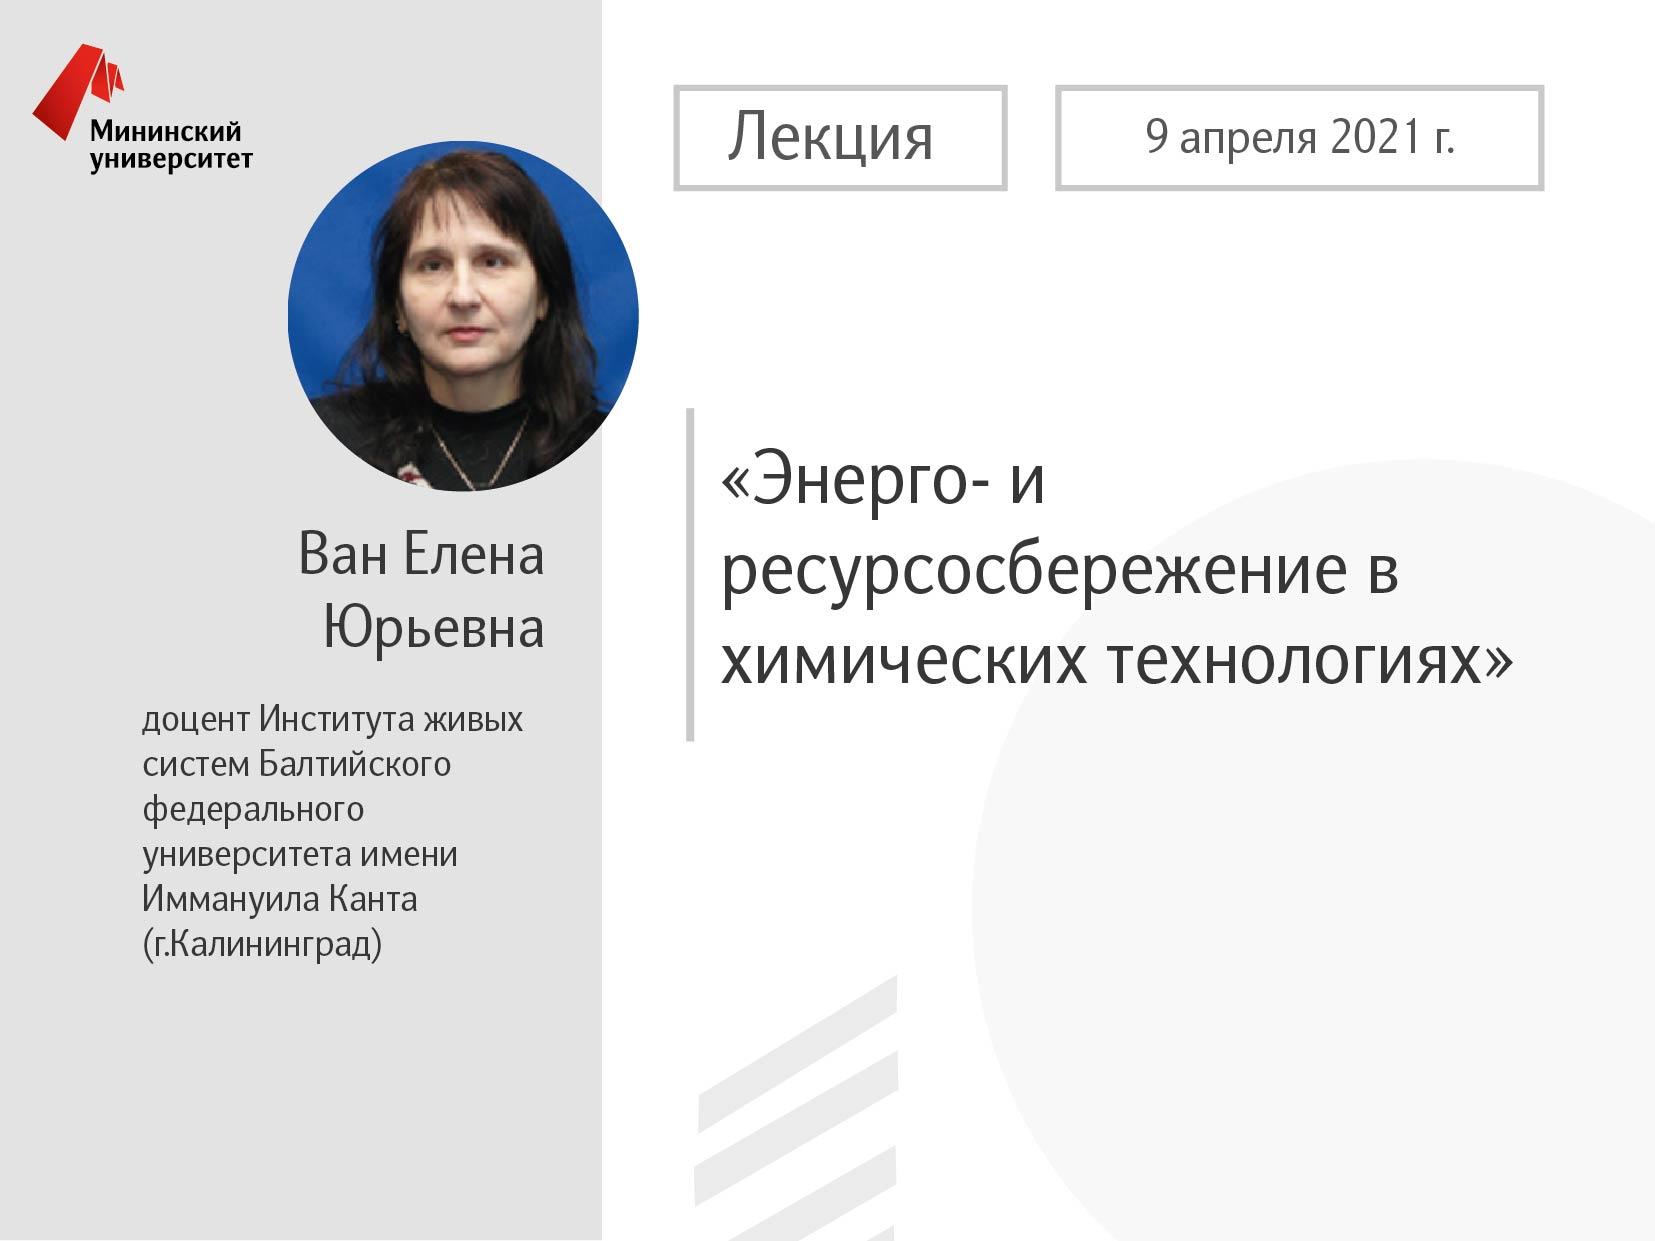 В Мининском университете состоится лекция Ван Елены Юрьевны в рамках программы